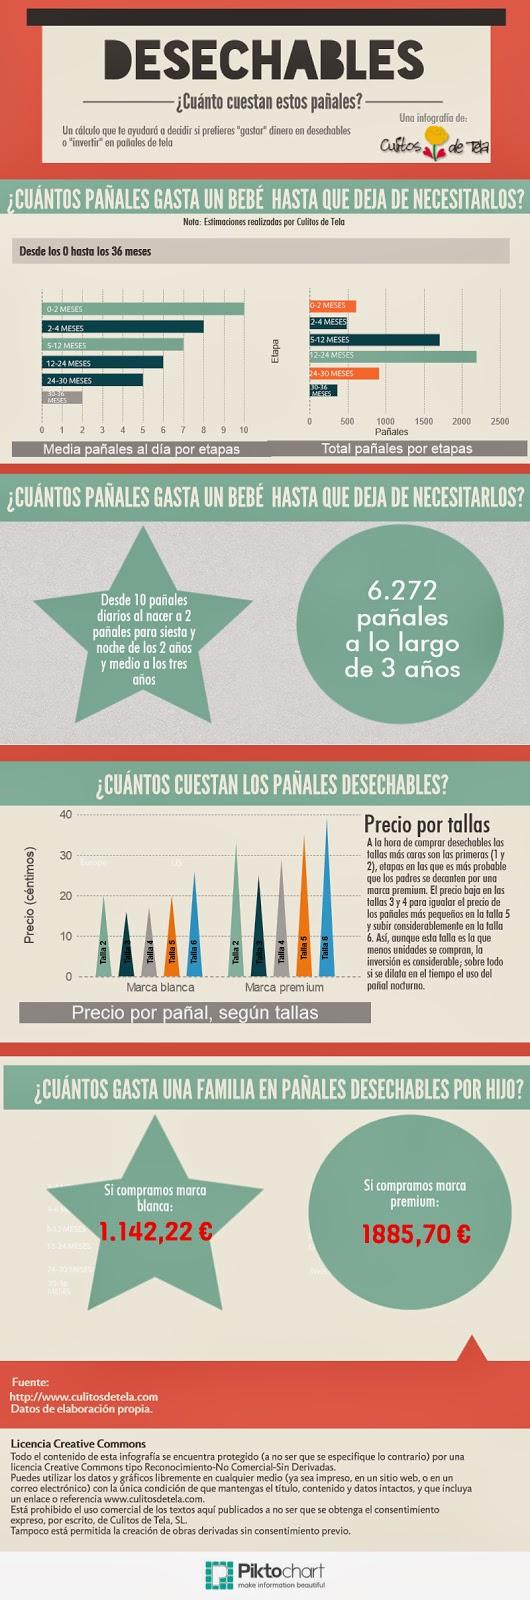 El blog de Culitos de Tela: ¿Cuánto cuestan los pañales